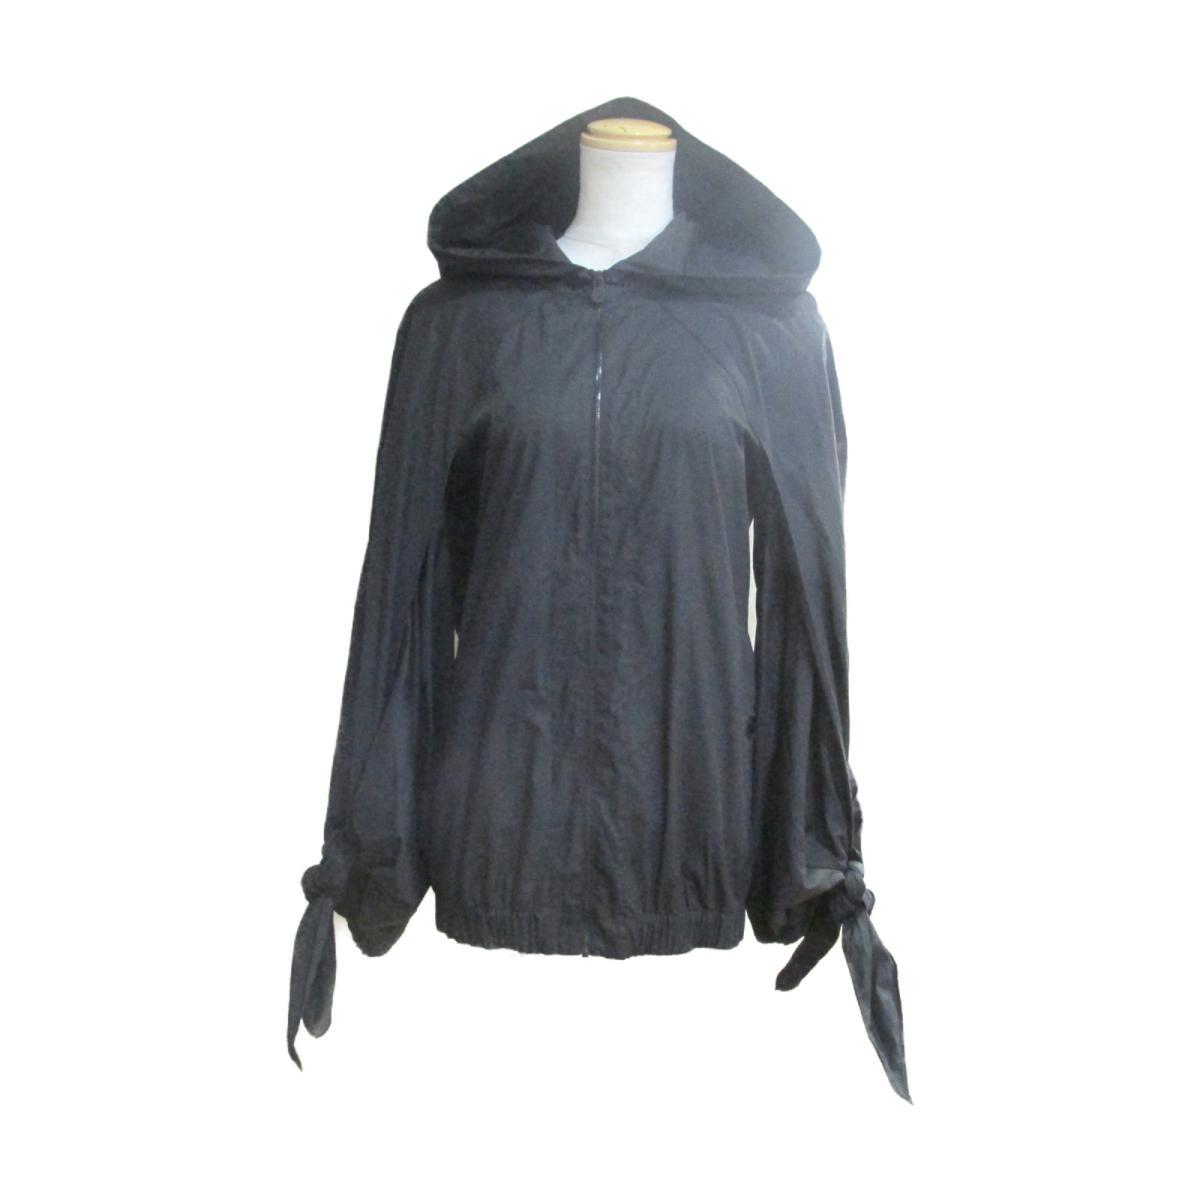 【中古】 シャネル ブルゾン レディース 78%コットン x 19%ナイロン 3%ポリウレタン ブラック (P50941V37652) | CHANEL BRANDOFF ブランドオフ 衣料品 衣類 ブランド アウター ジャケット コート